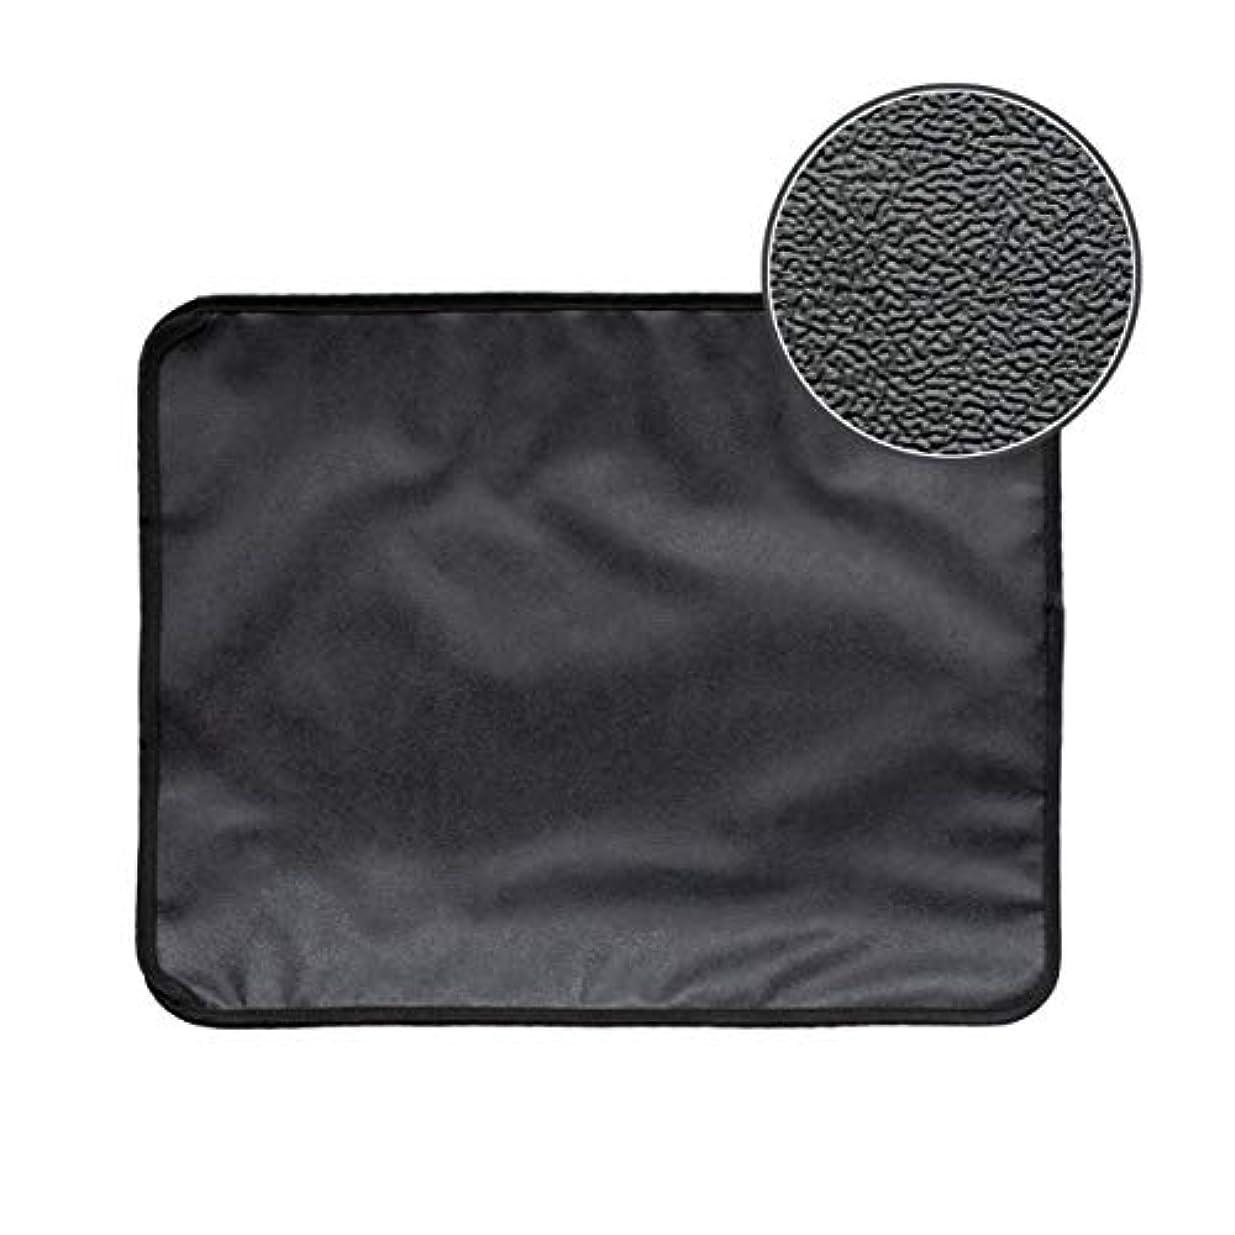 ラインナップ聖域ブロックSaikogoods 高弾性EVA 防水ボトム層と猫のトイレマット ブラック ダブルレイヤー 猫のトイレトラッパーマット 黒